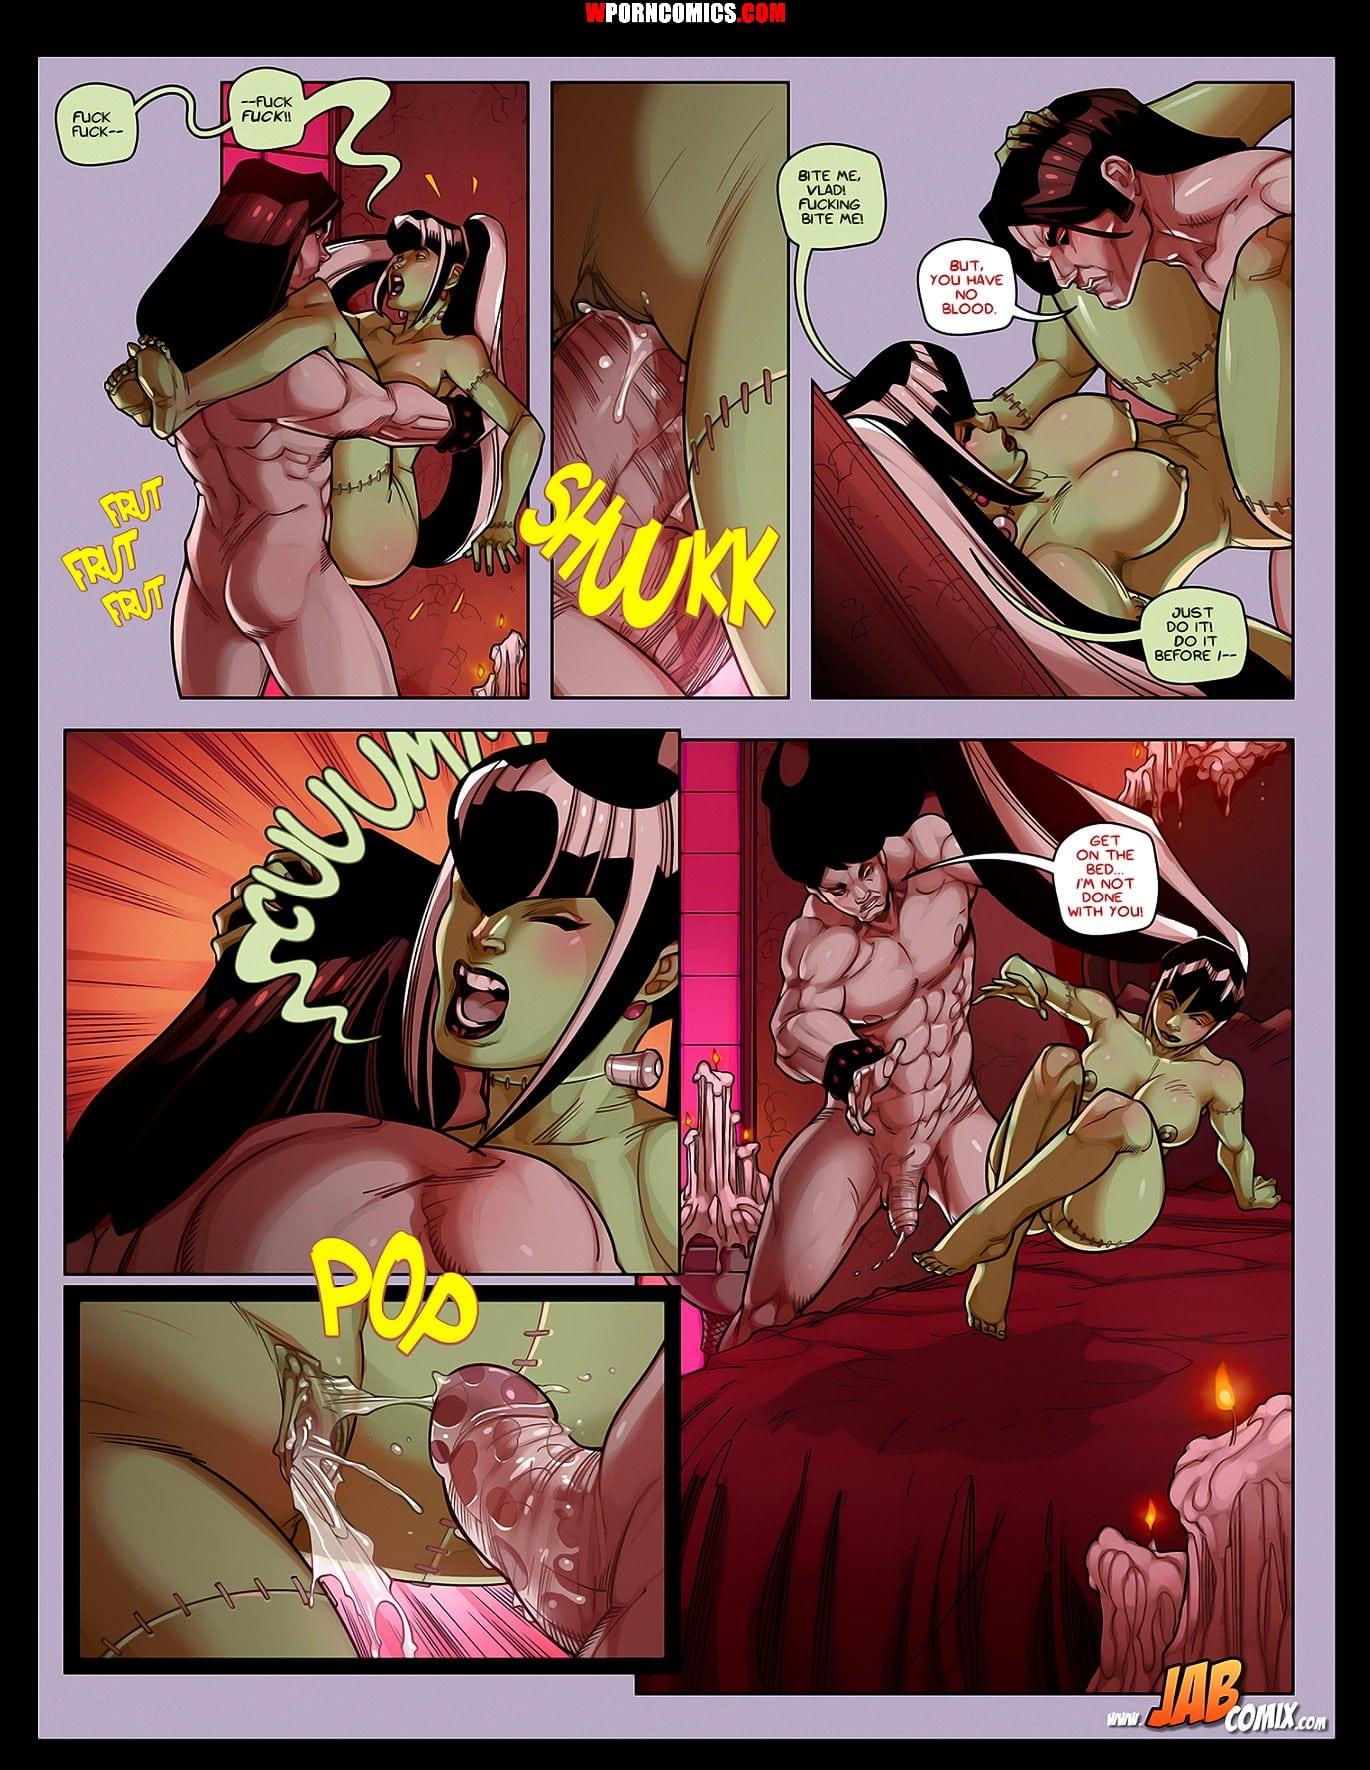 porn-comic-the-creepies-part-4-2020-02-14/porn-comic-the-creepies-part-4-2020-02-14-33605.jpg